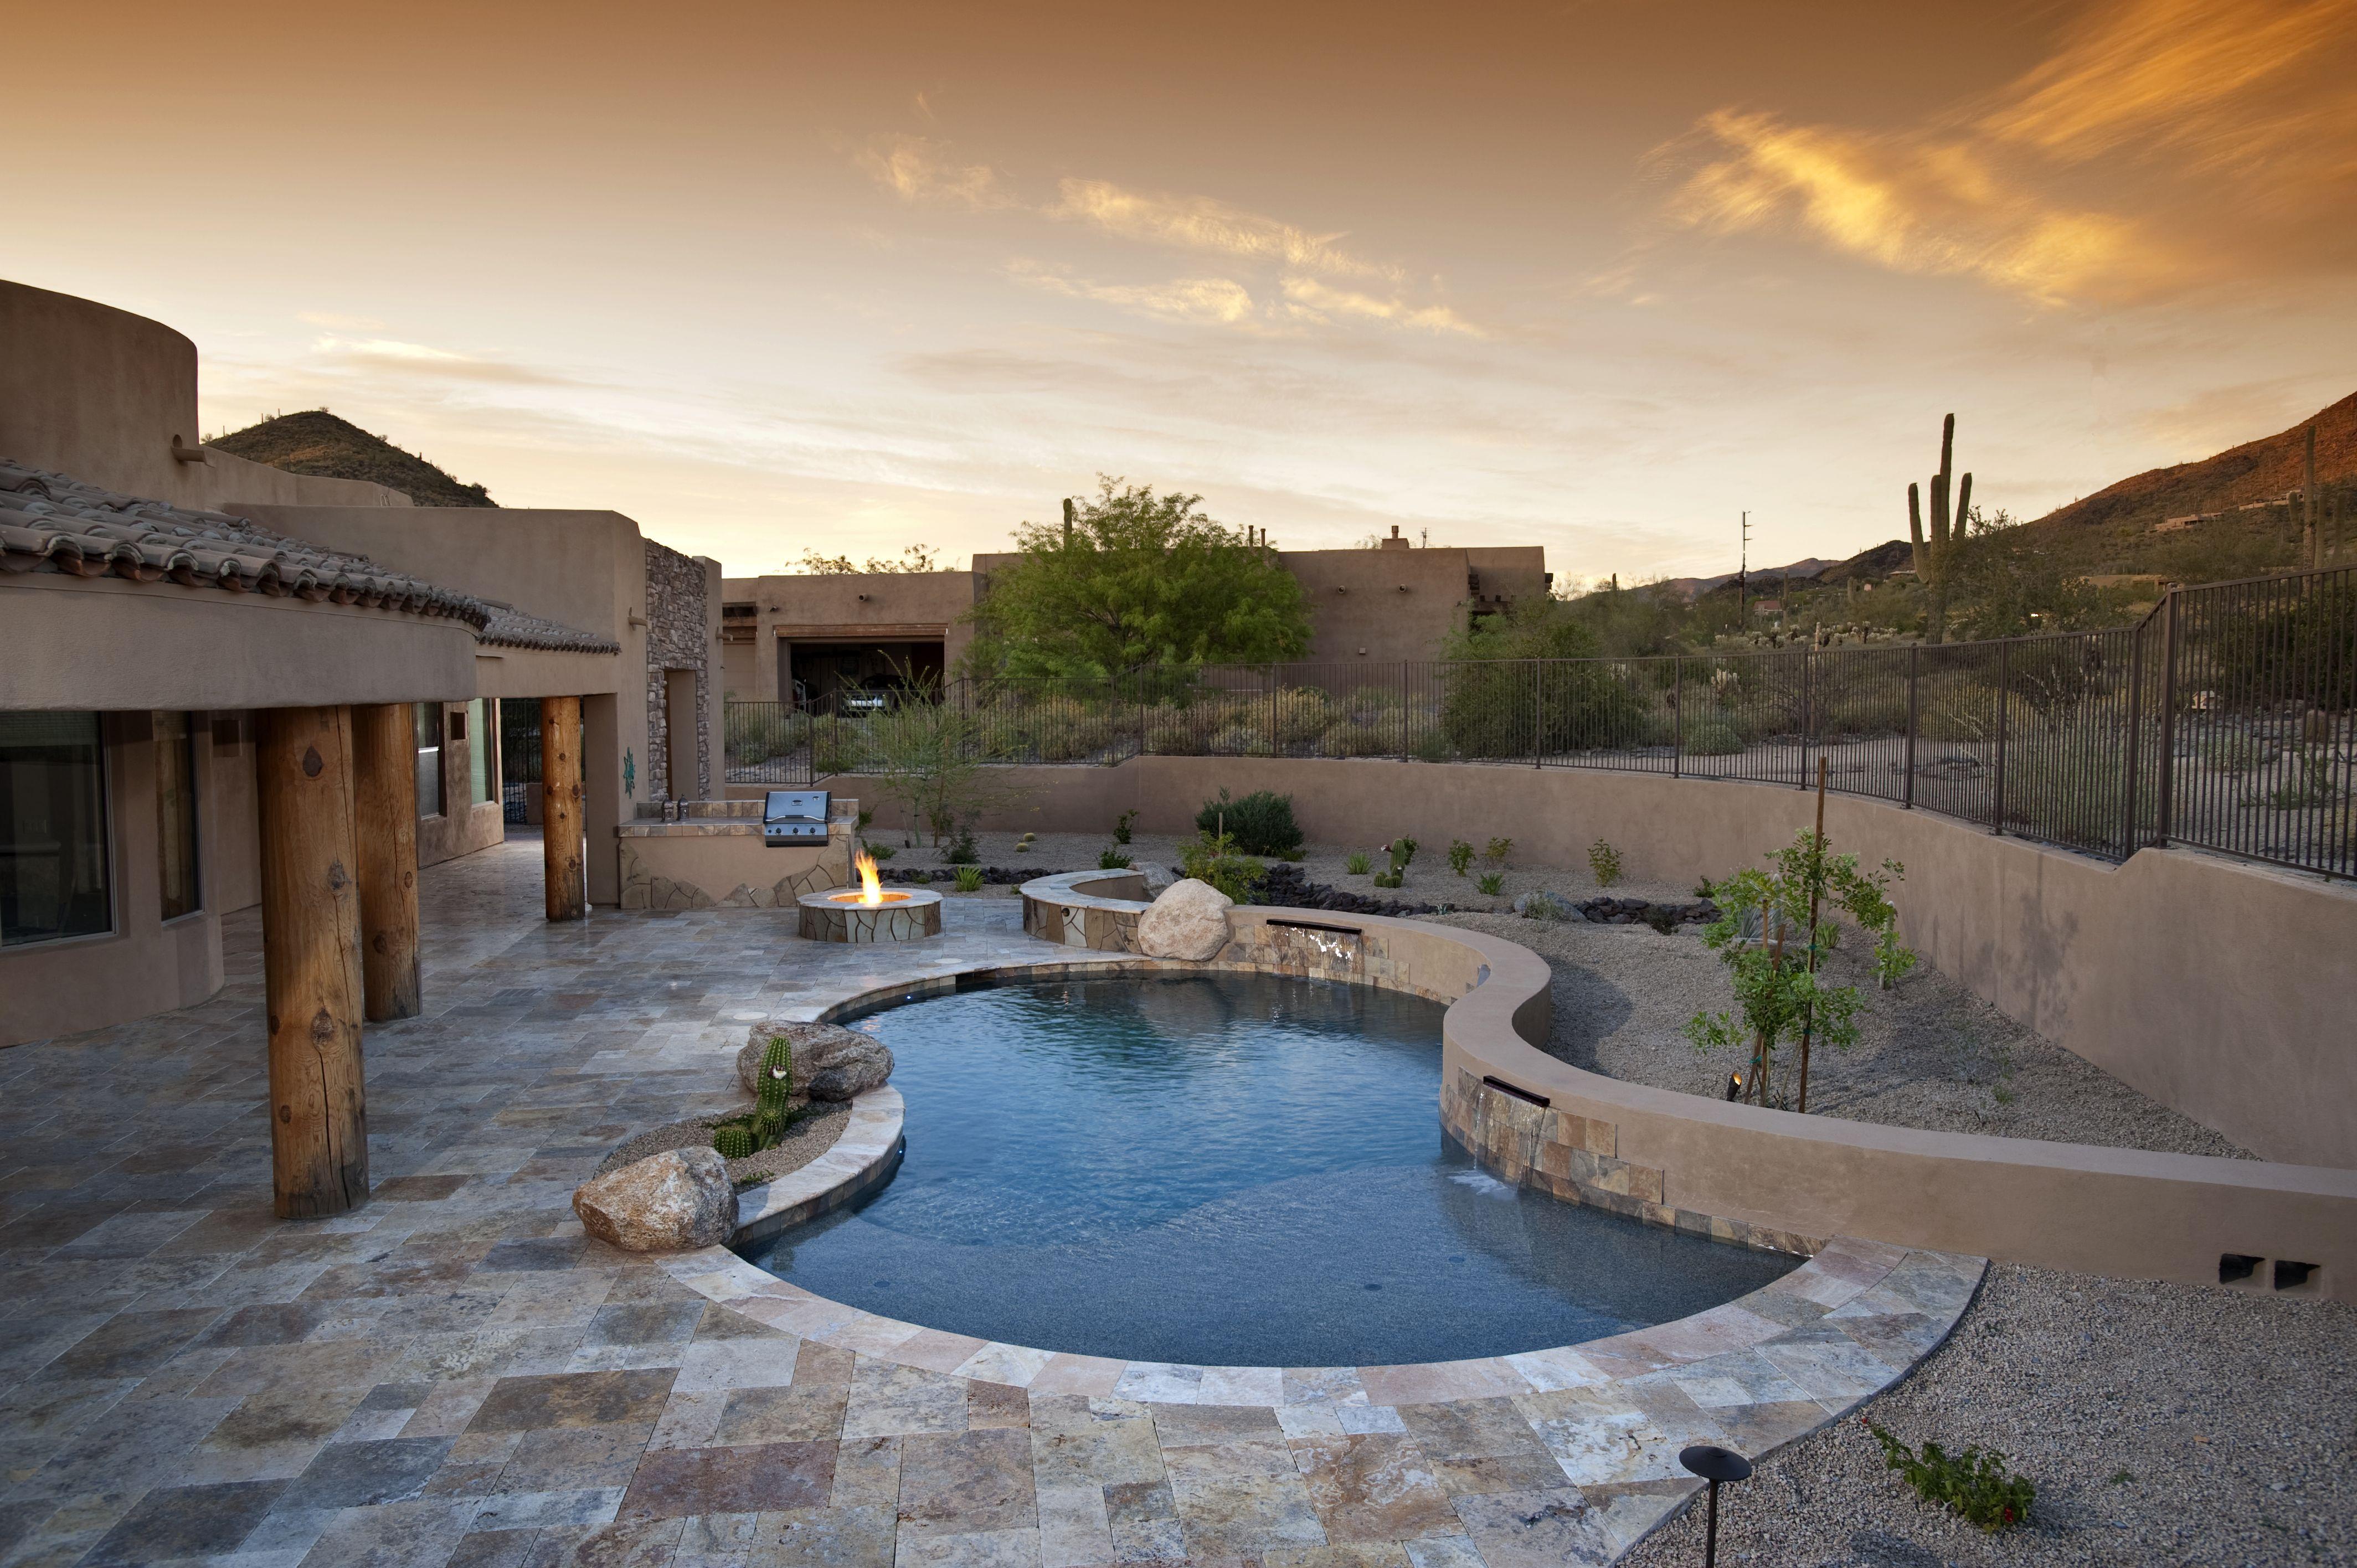 Pool Designs Arizona pools by type Furniture Stunning Indoor Pool Roof Design On Pool Design Ideas